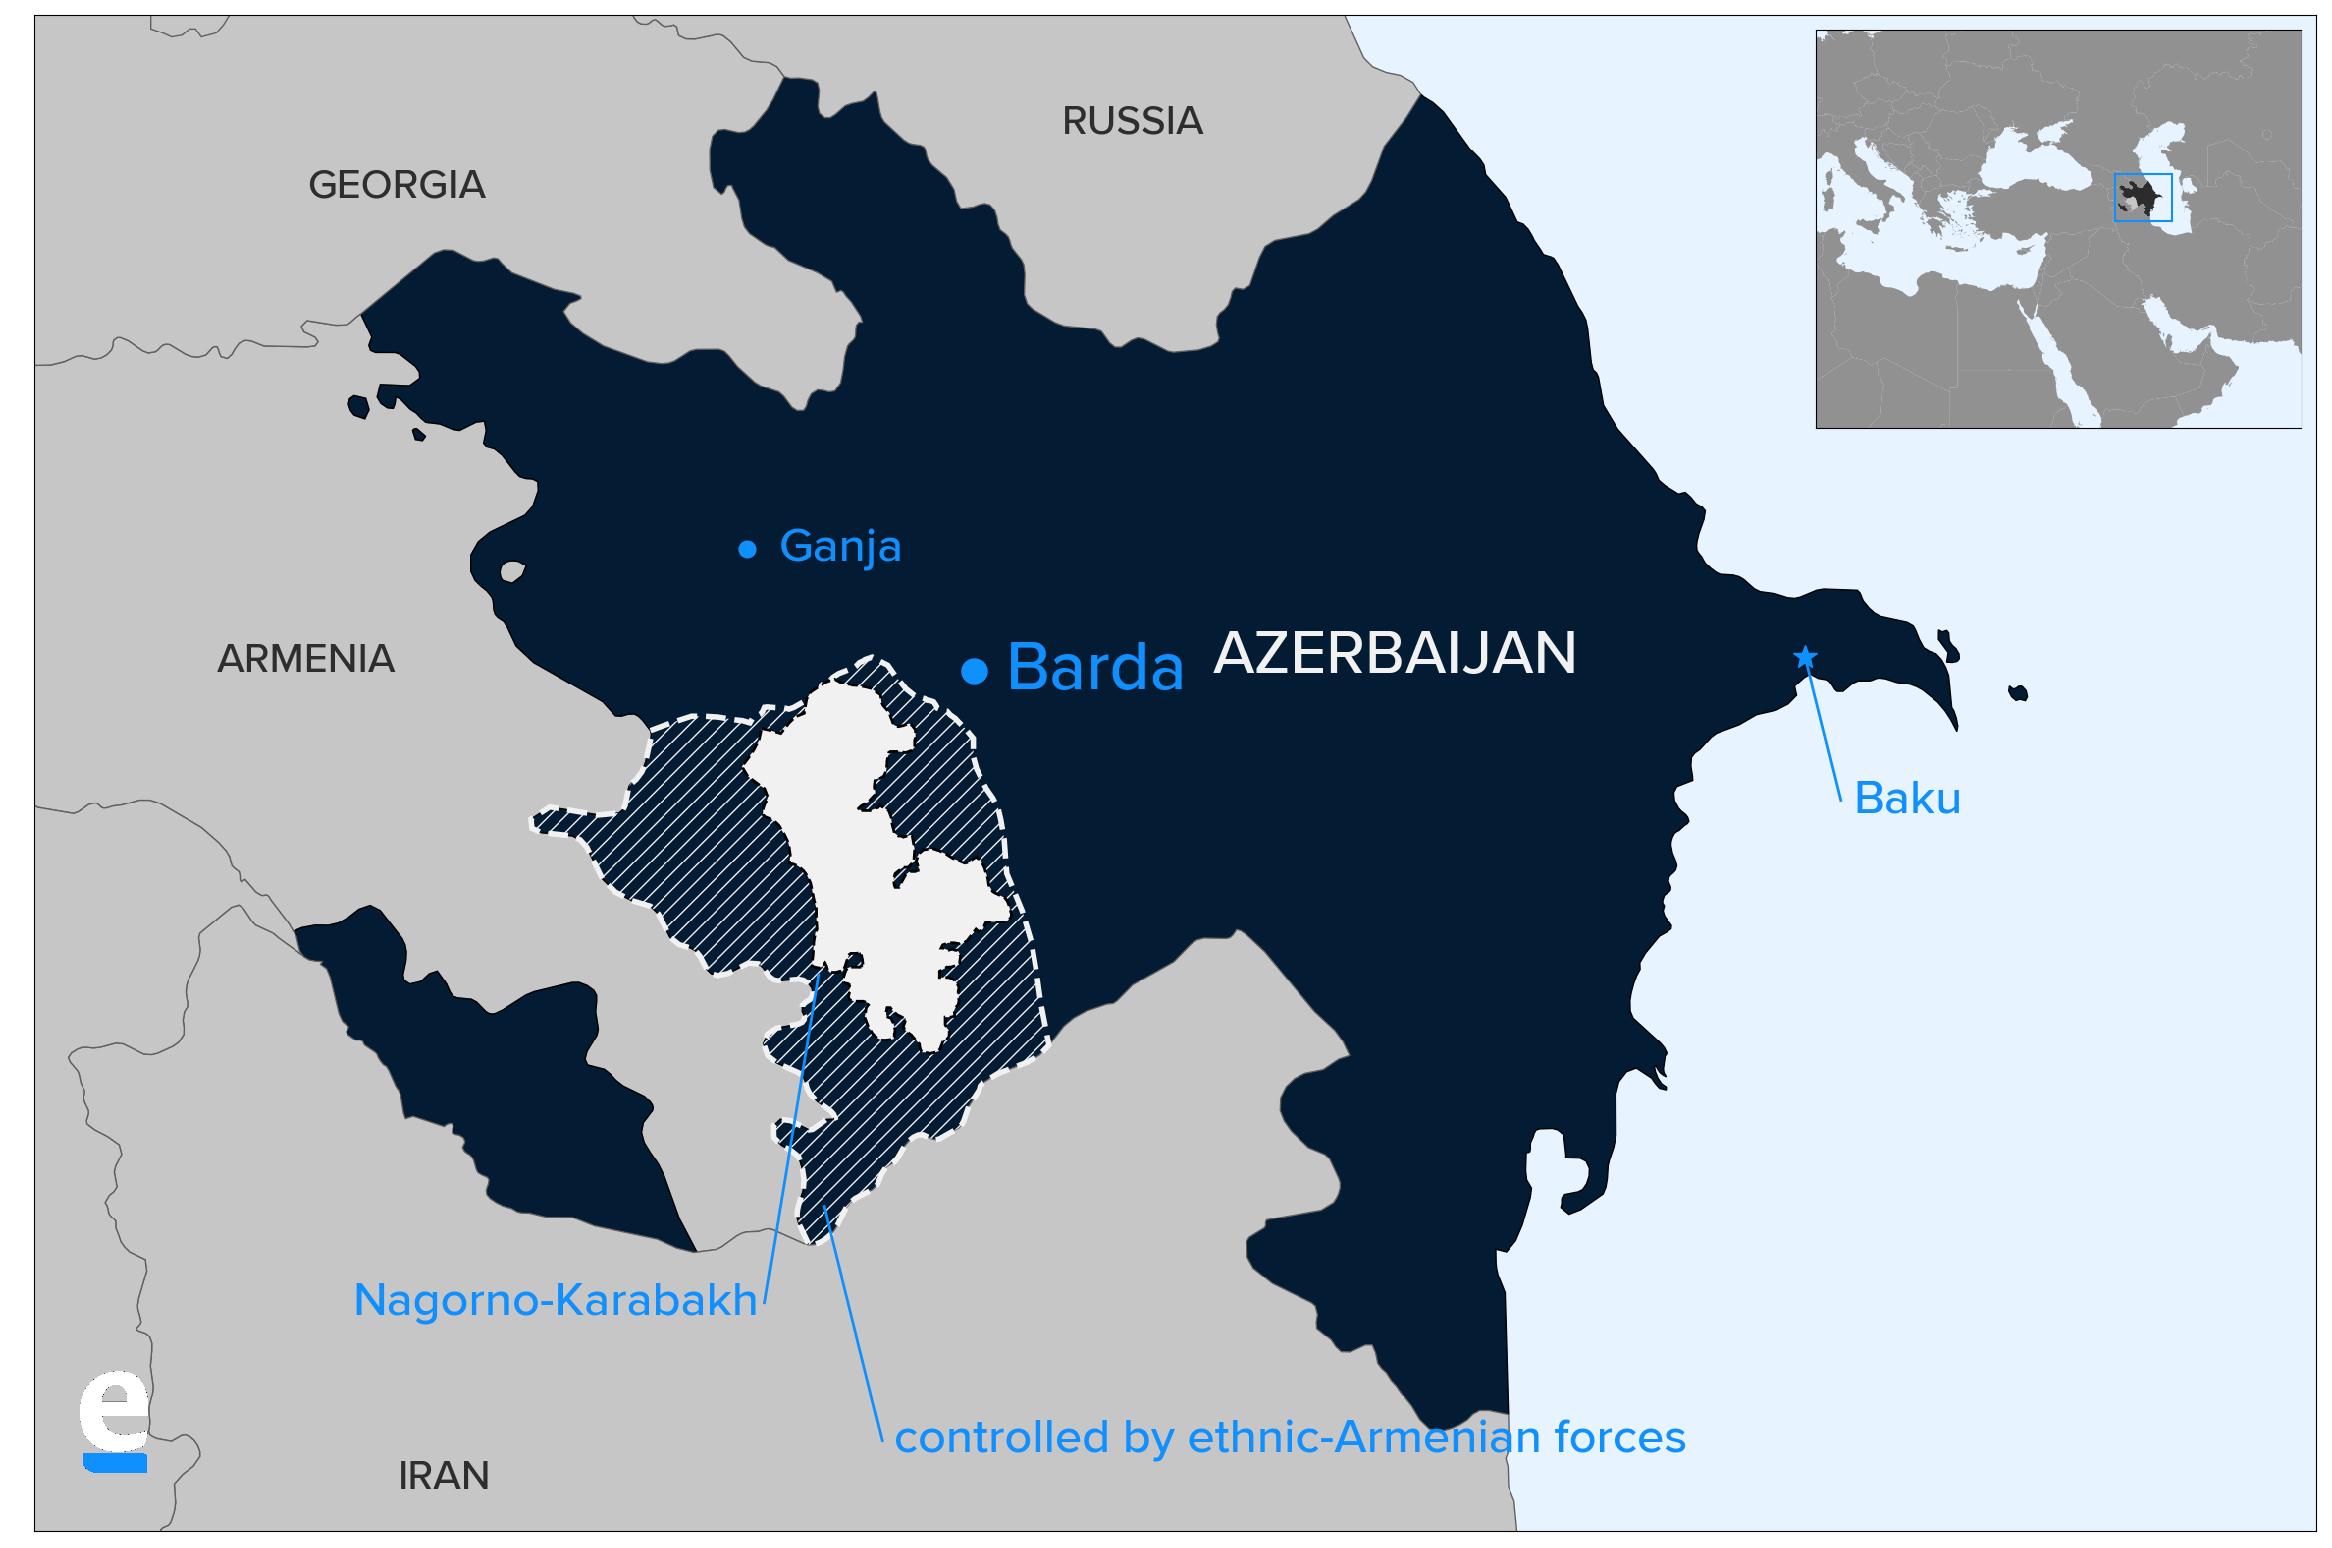 Barda map